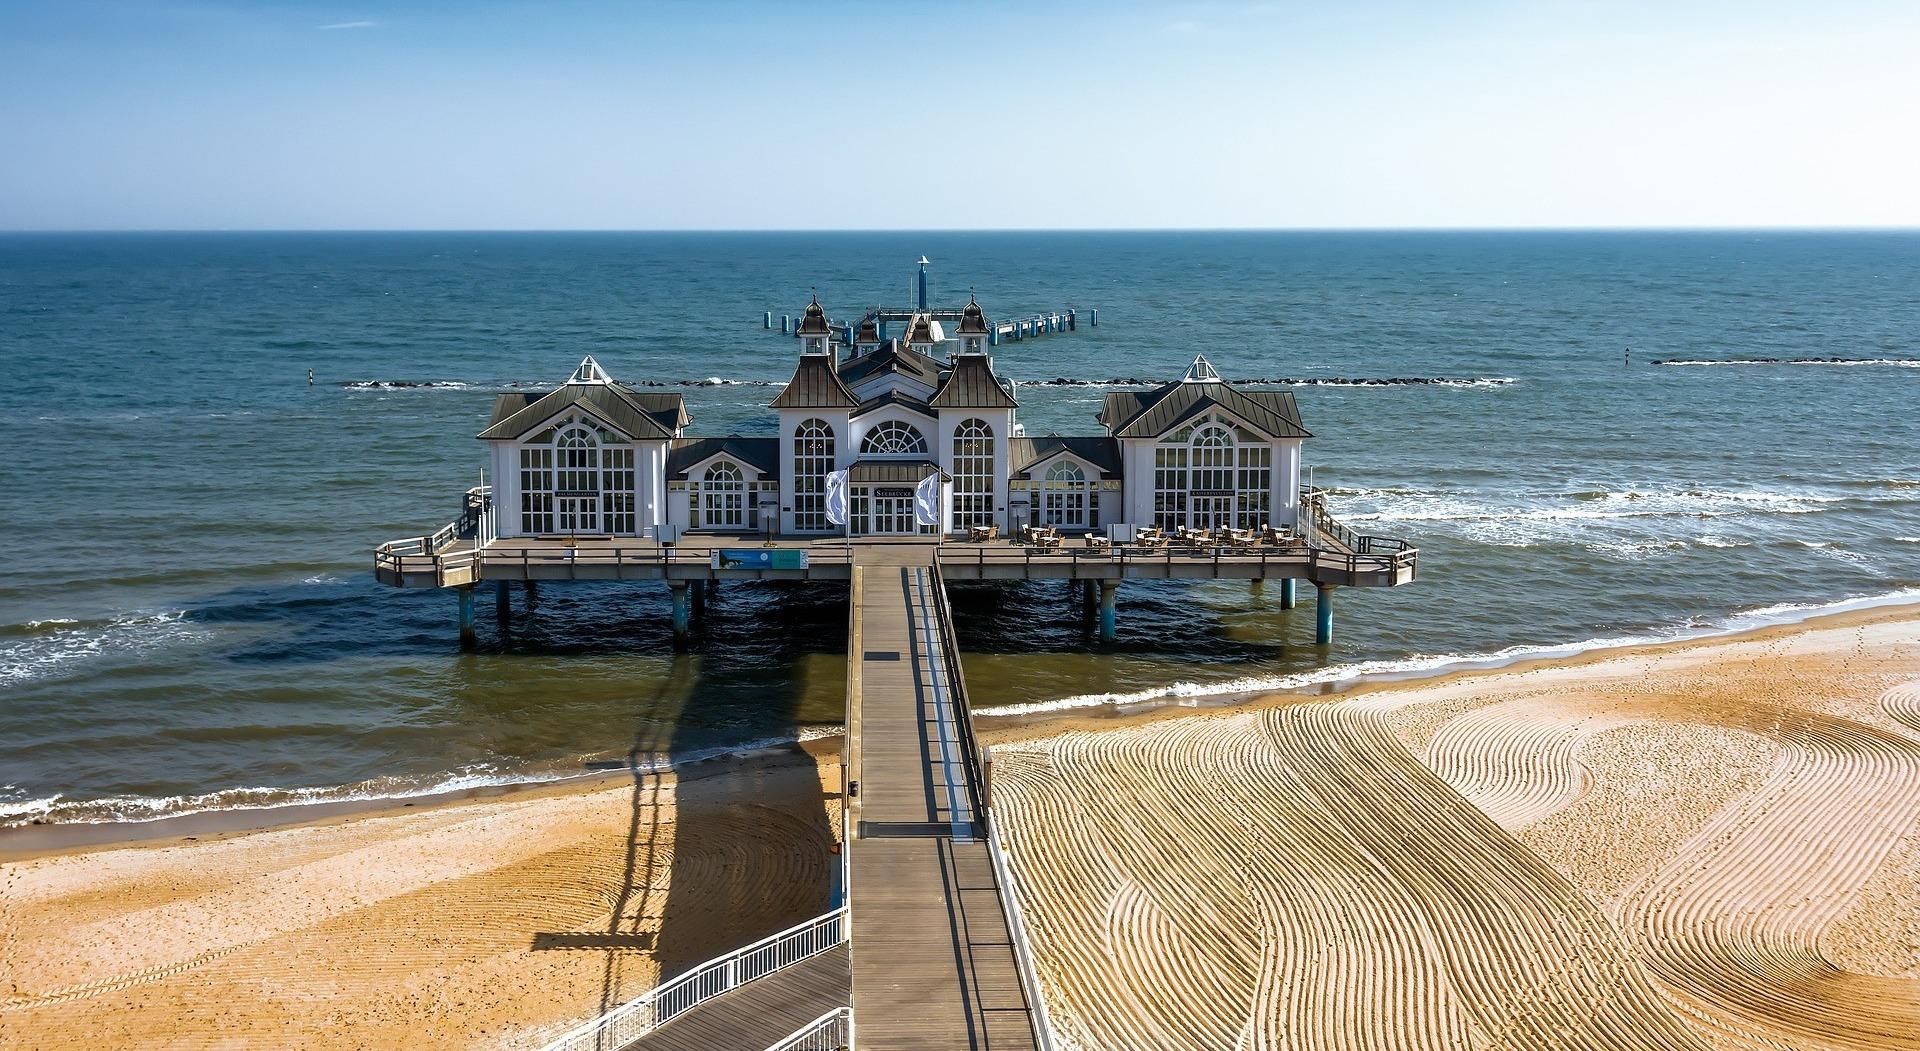 Seebrücke Rügen ©pixabay